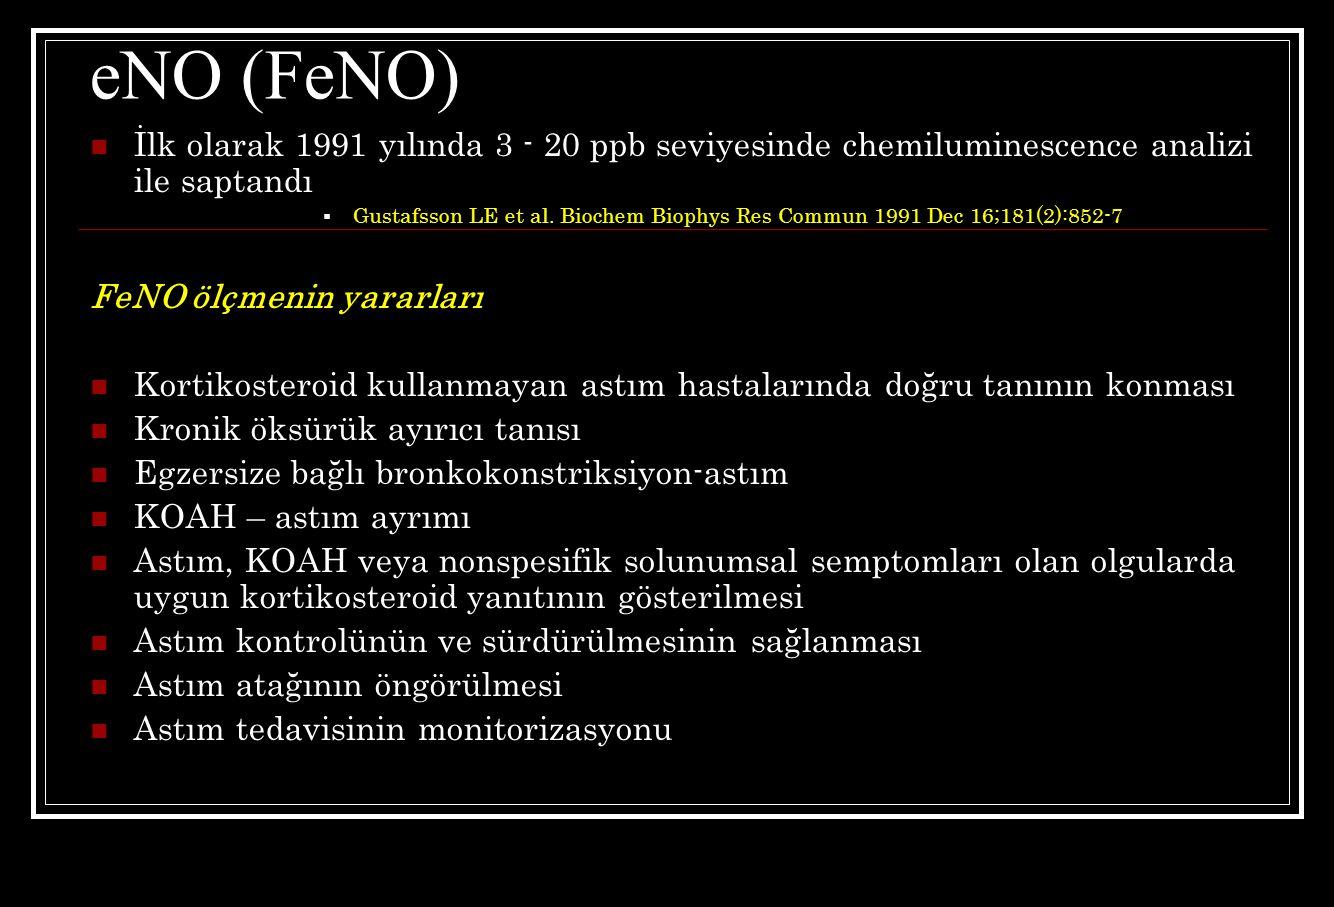 eNO (FeNO) İlk olarak 1991 yılında 3 - 20 ppb seviyesinde chemiluminescence analizi ile saptandı  Gustafsson LE et al. Biochem Biophys Res Commun 199